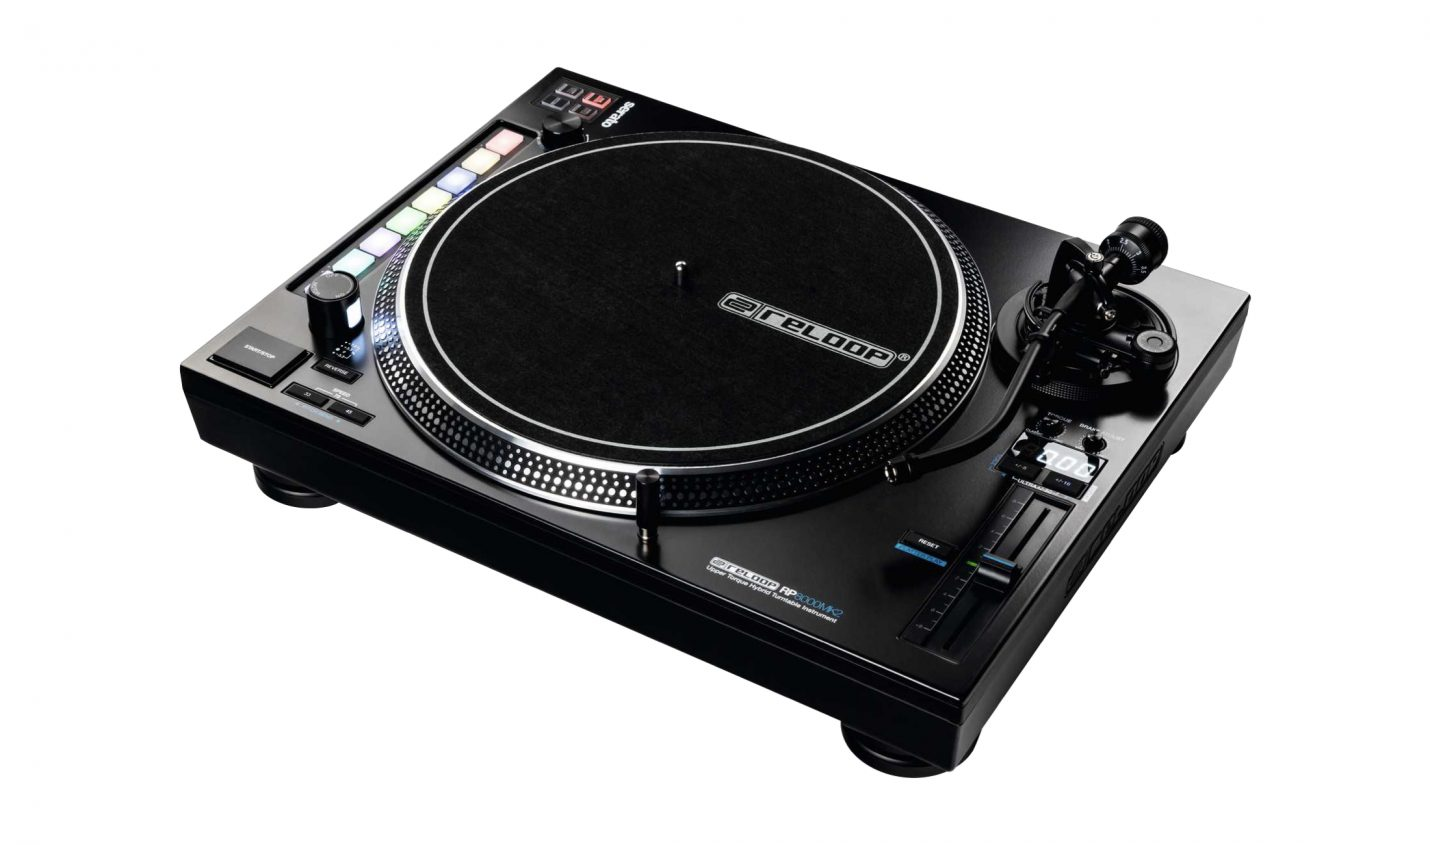 Test: Reloop RP-8000 MK2 – Performance DJ-Turntable